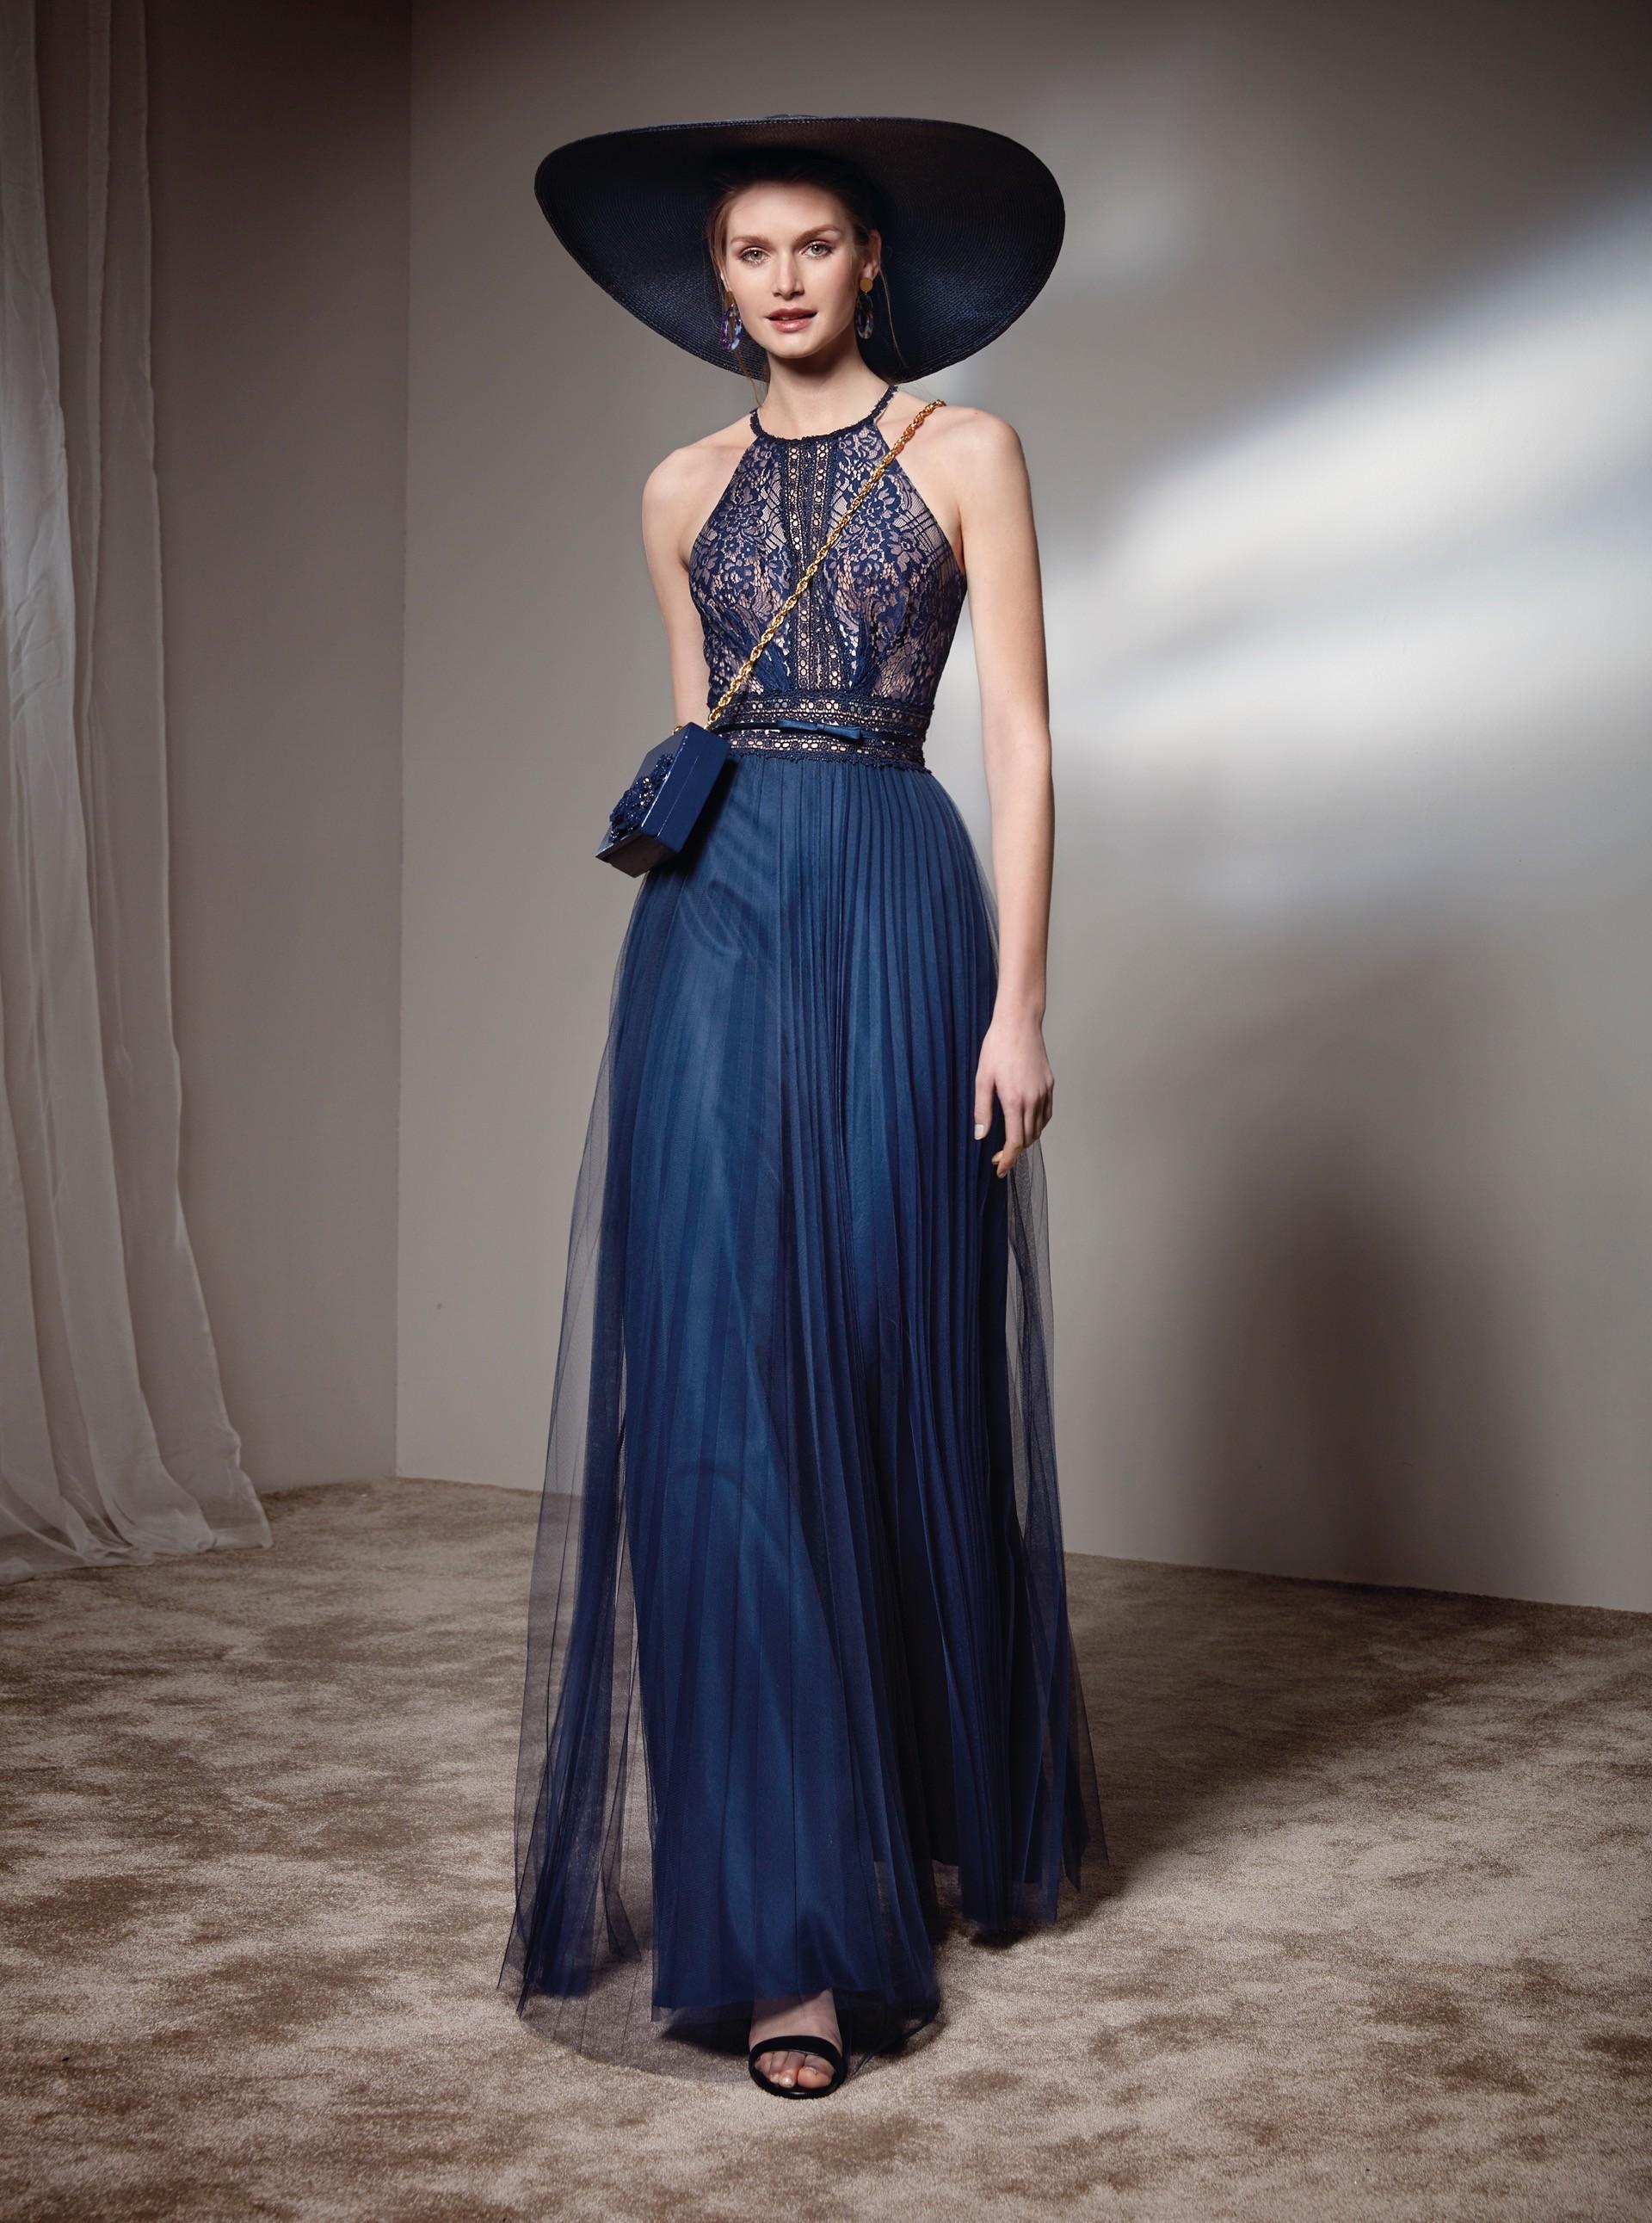 Langes Kleid mit Neckholder-Ausschnitt und Spitzentop von Fara Fiesta in Blau